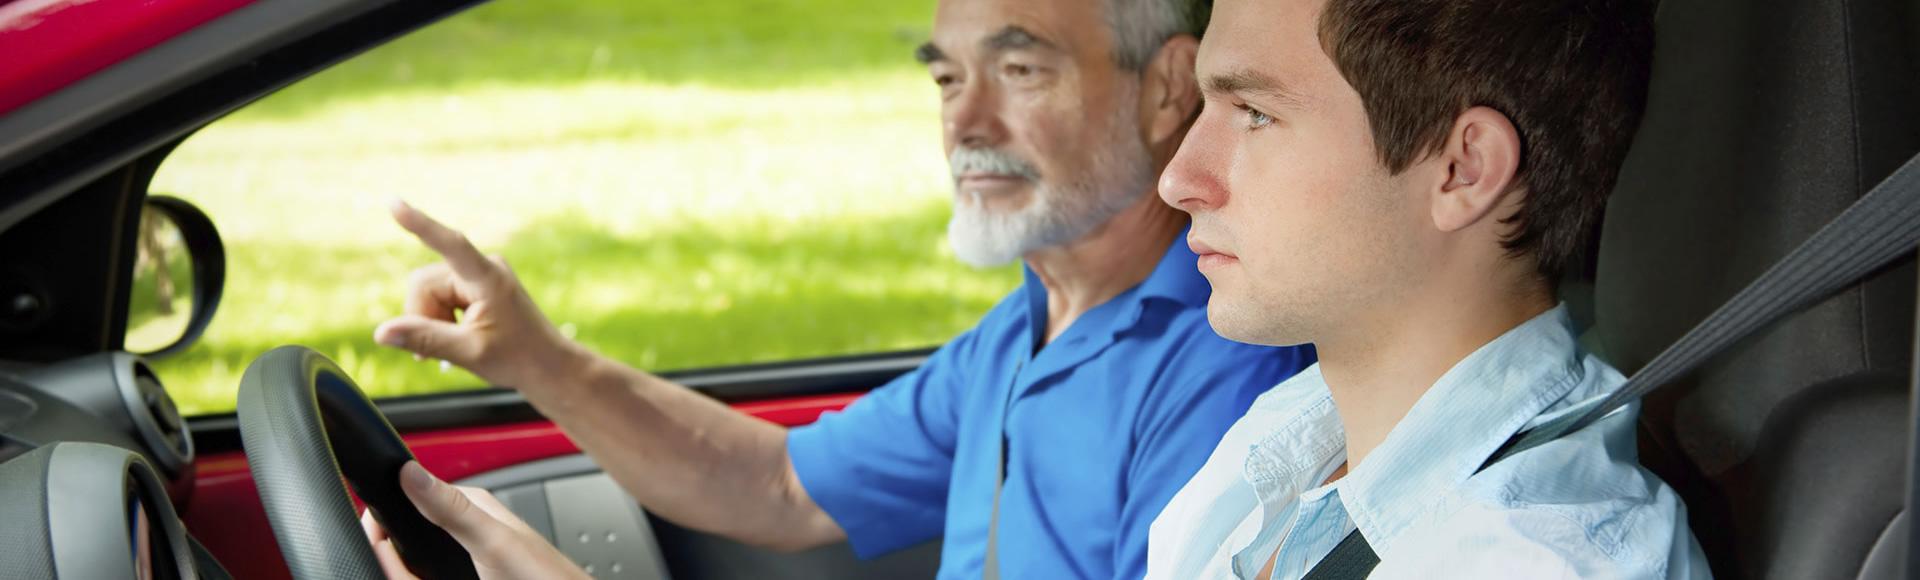 Foto di un istruttore di guida che insegna